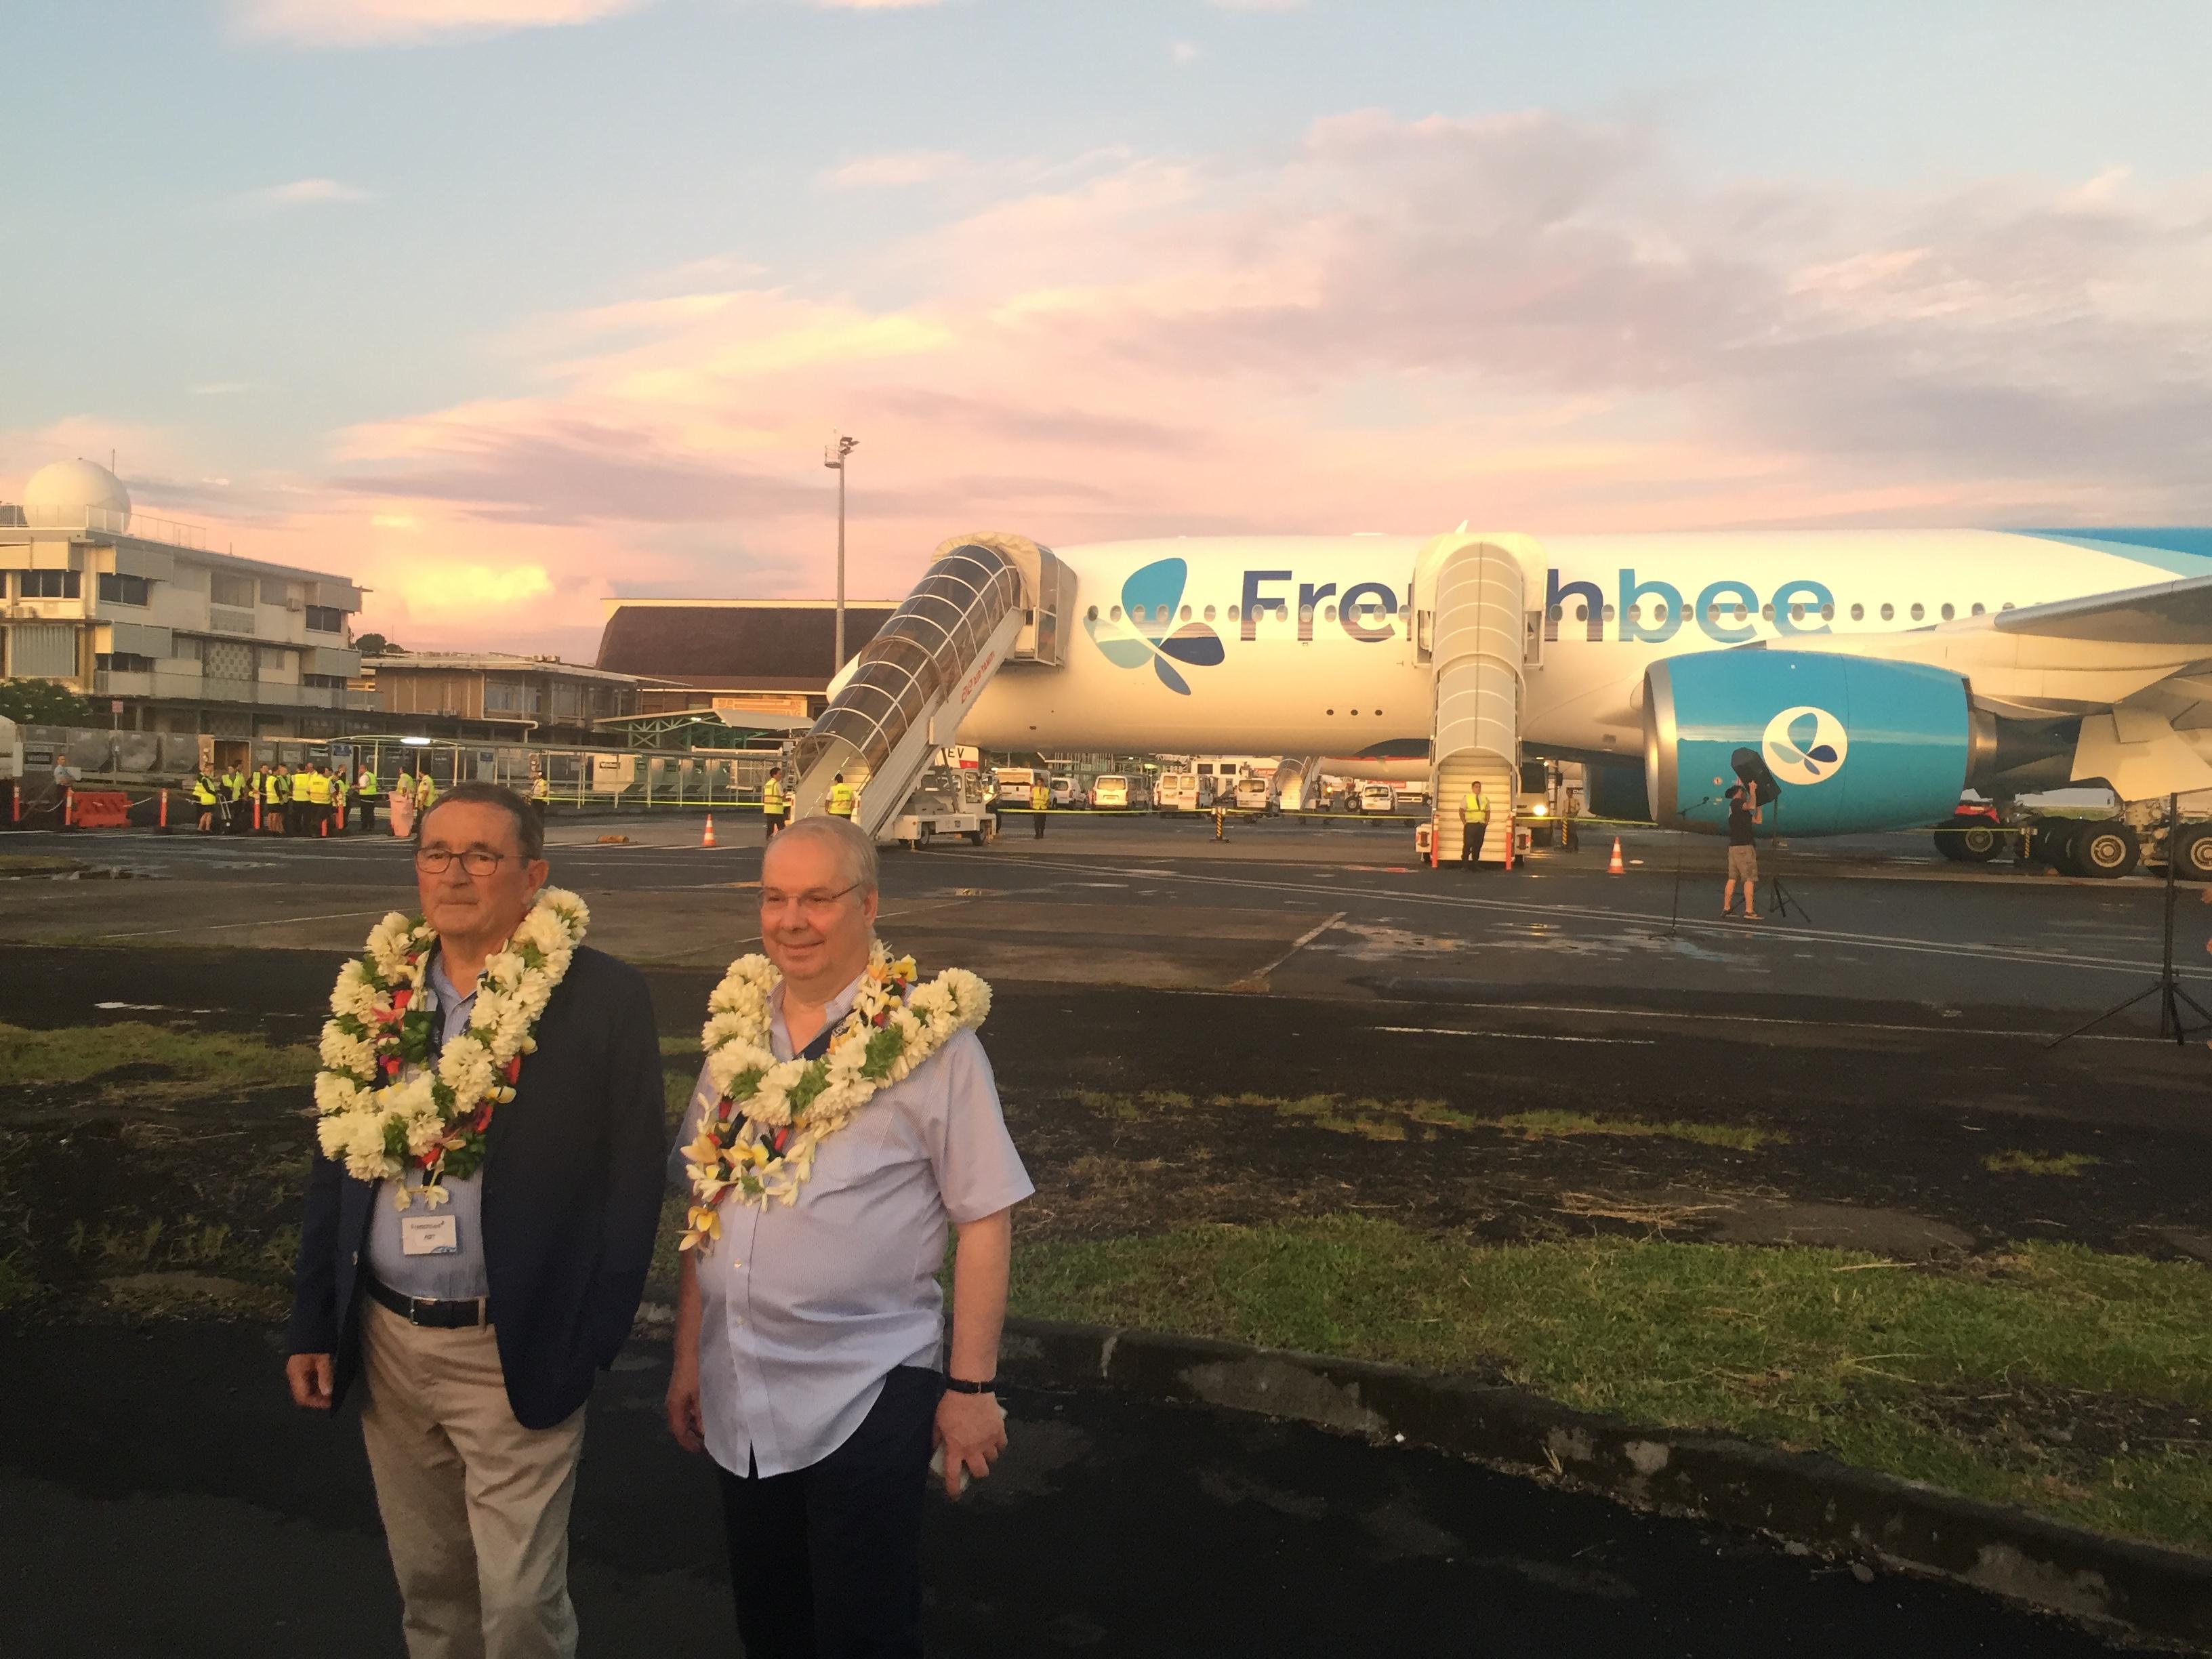 Jean-Paul Dubreuil et Marc Rochet, à la tête de French Bee, lors du vol inaugural de la compagnie en mai 2018 © PG TM